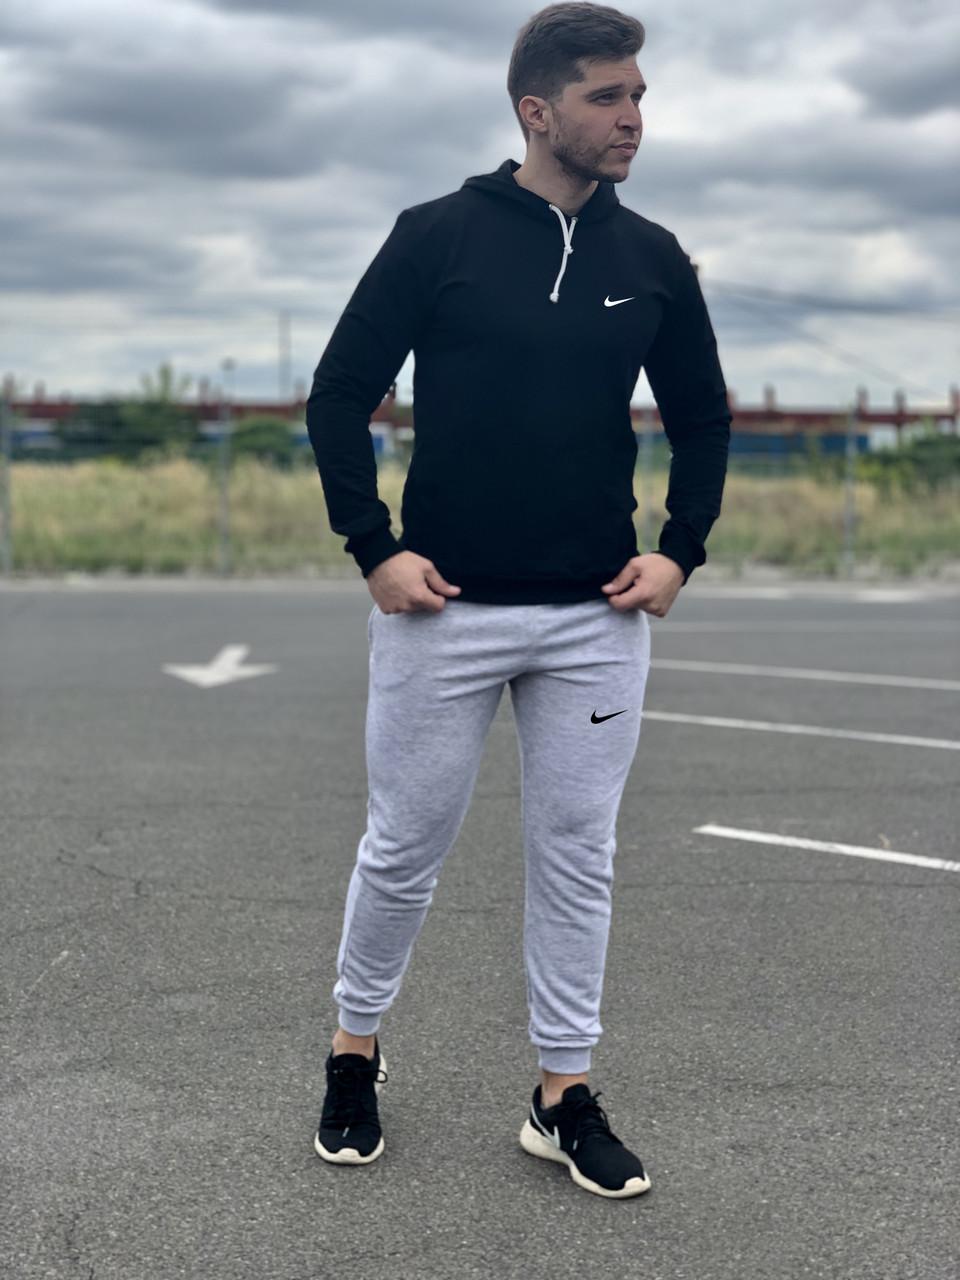 Мужской спортивный костюм Nike (найк) - черная худи и серые штаны  / Весна-осень